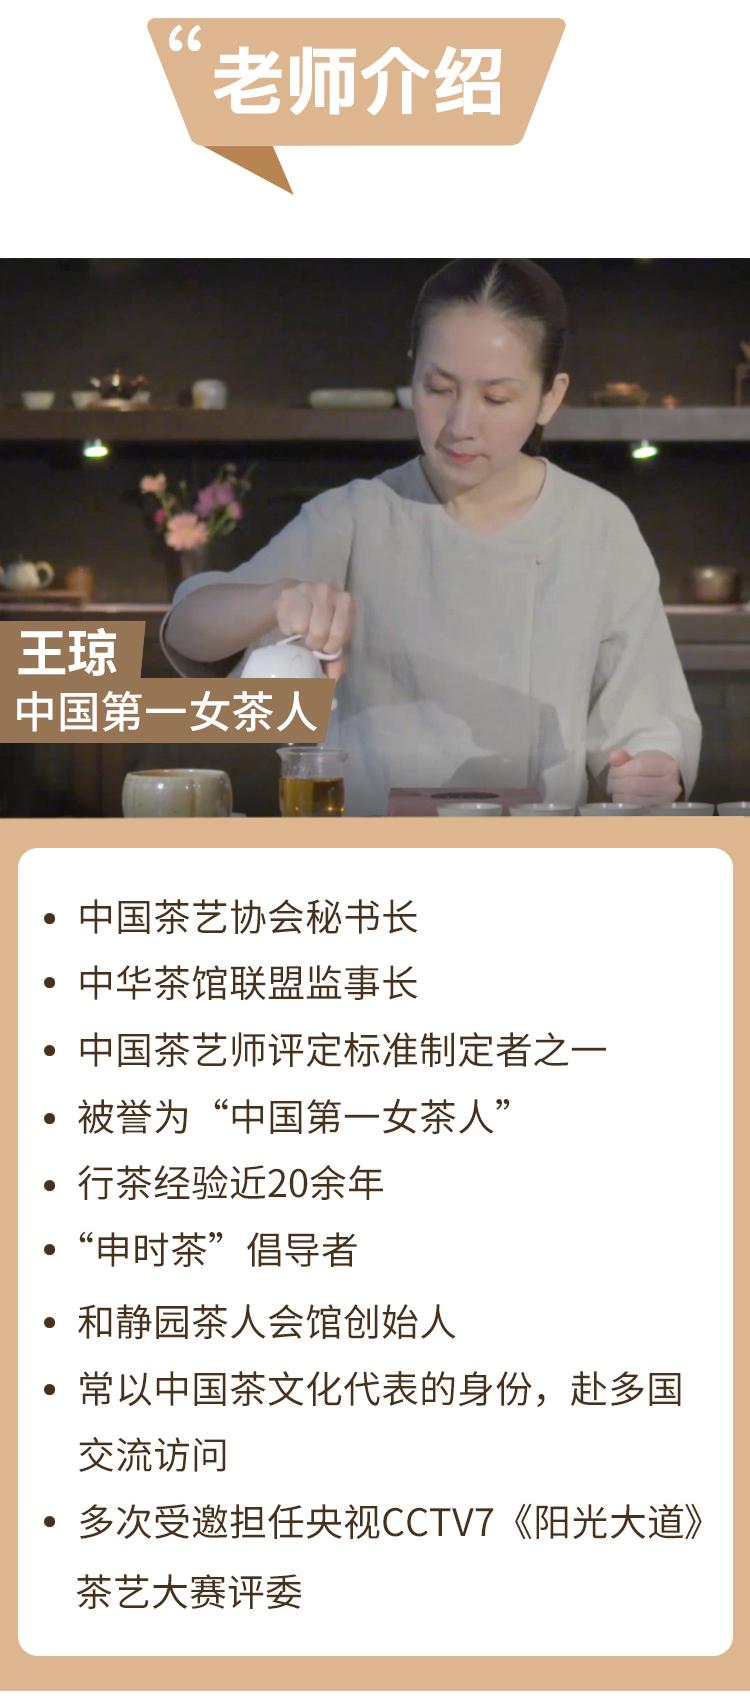 王琼优化_03